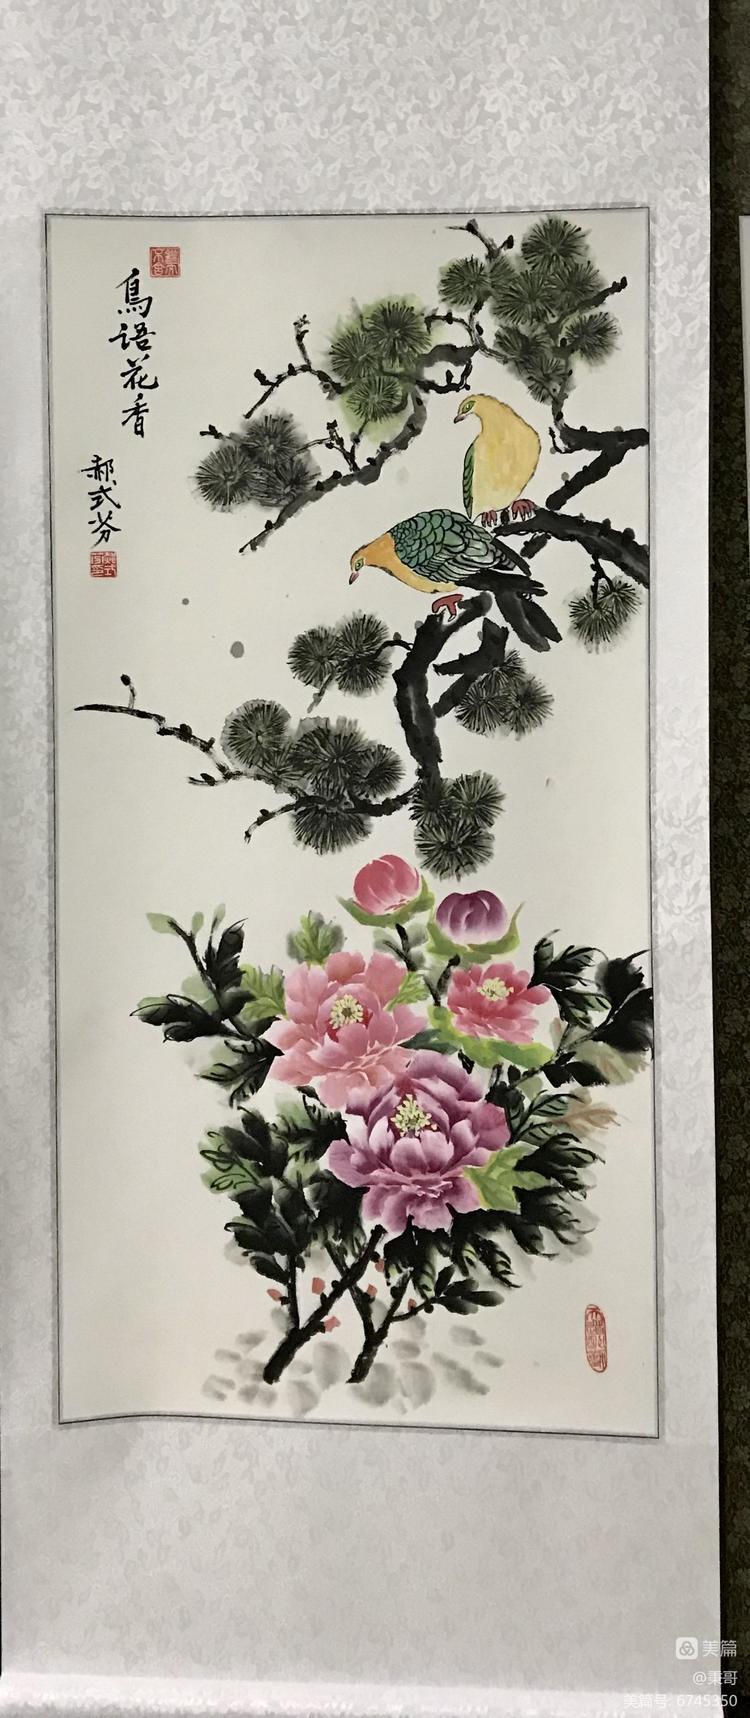 外交部老年书画研究会潘家园书画分会举办迎新年书画作品展